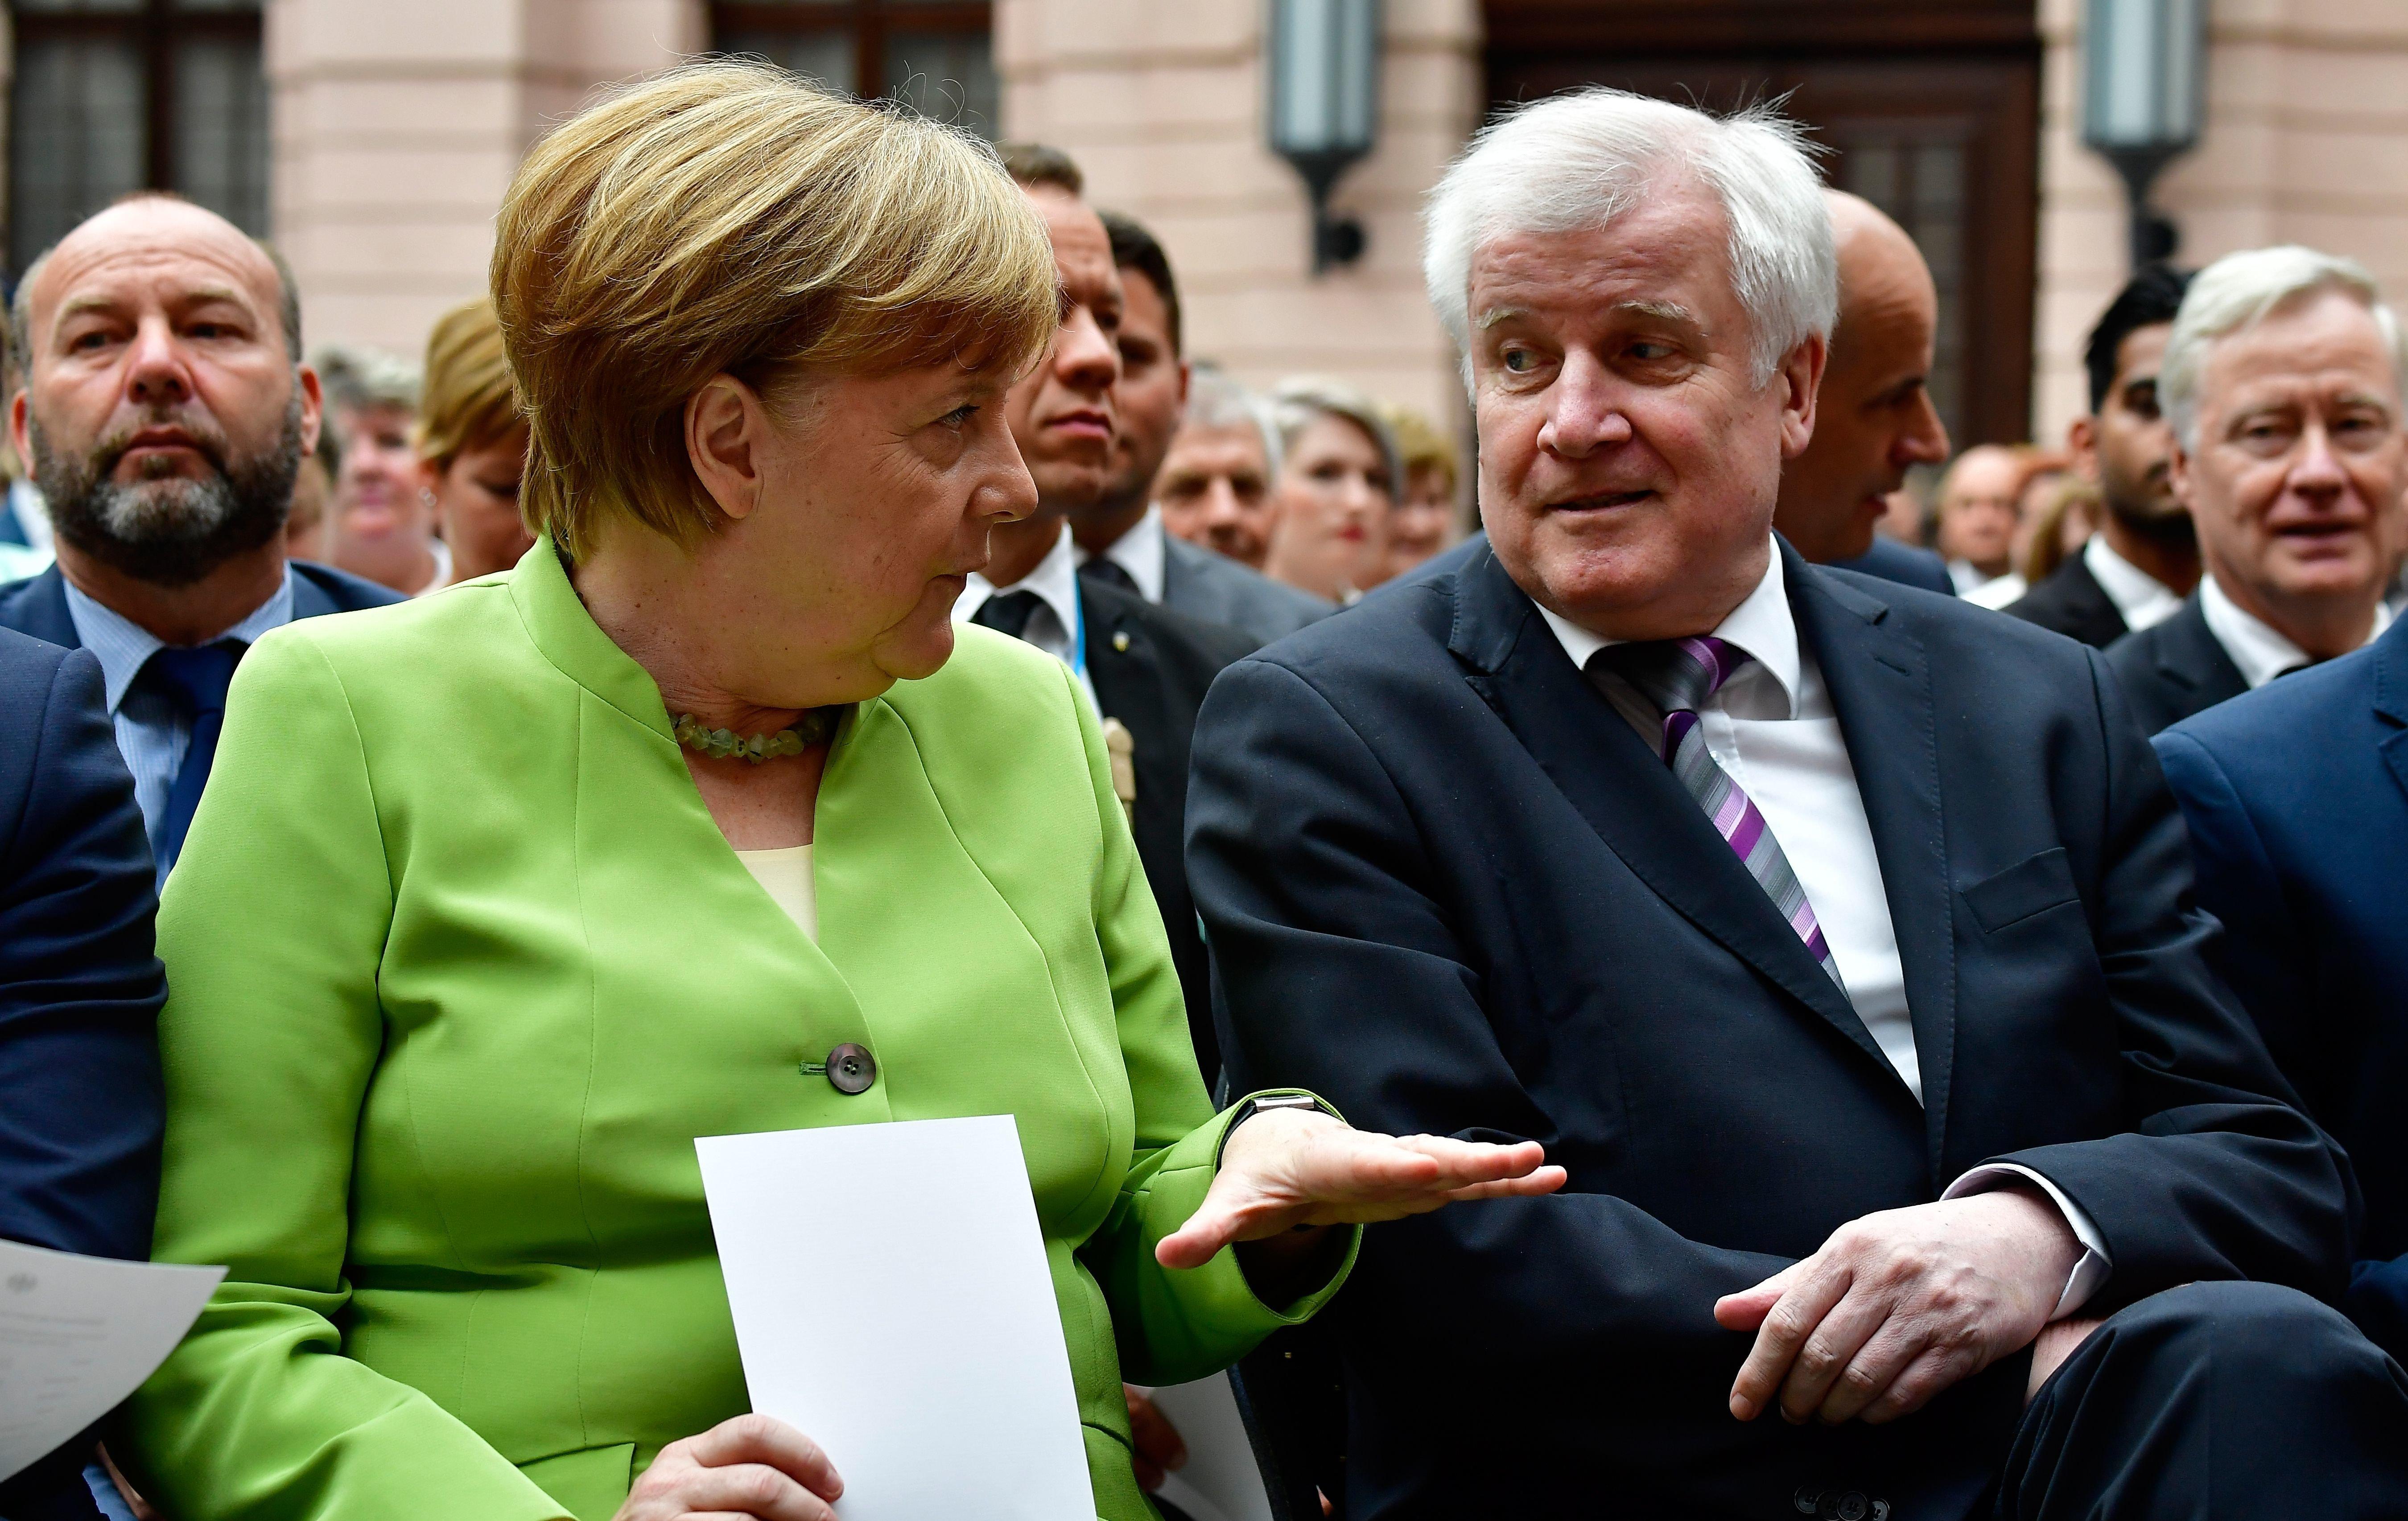 Asylstreit: Seehofer warnt Merkel davor, ihn zu entlassen